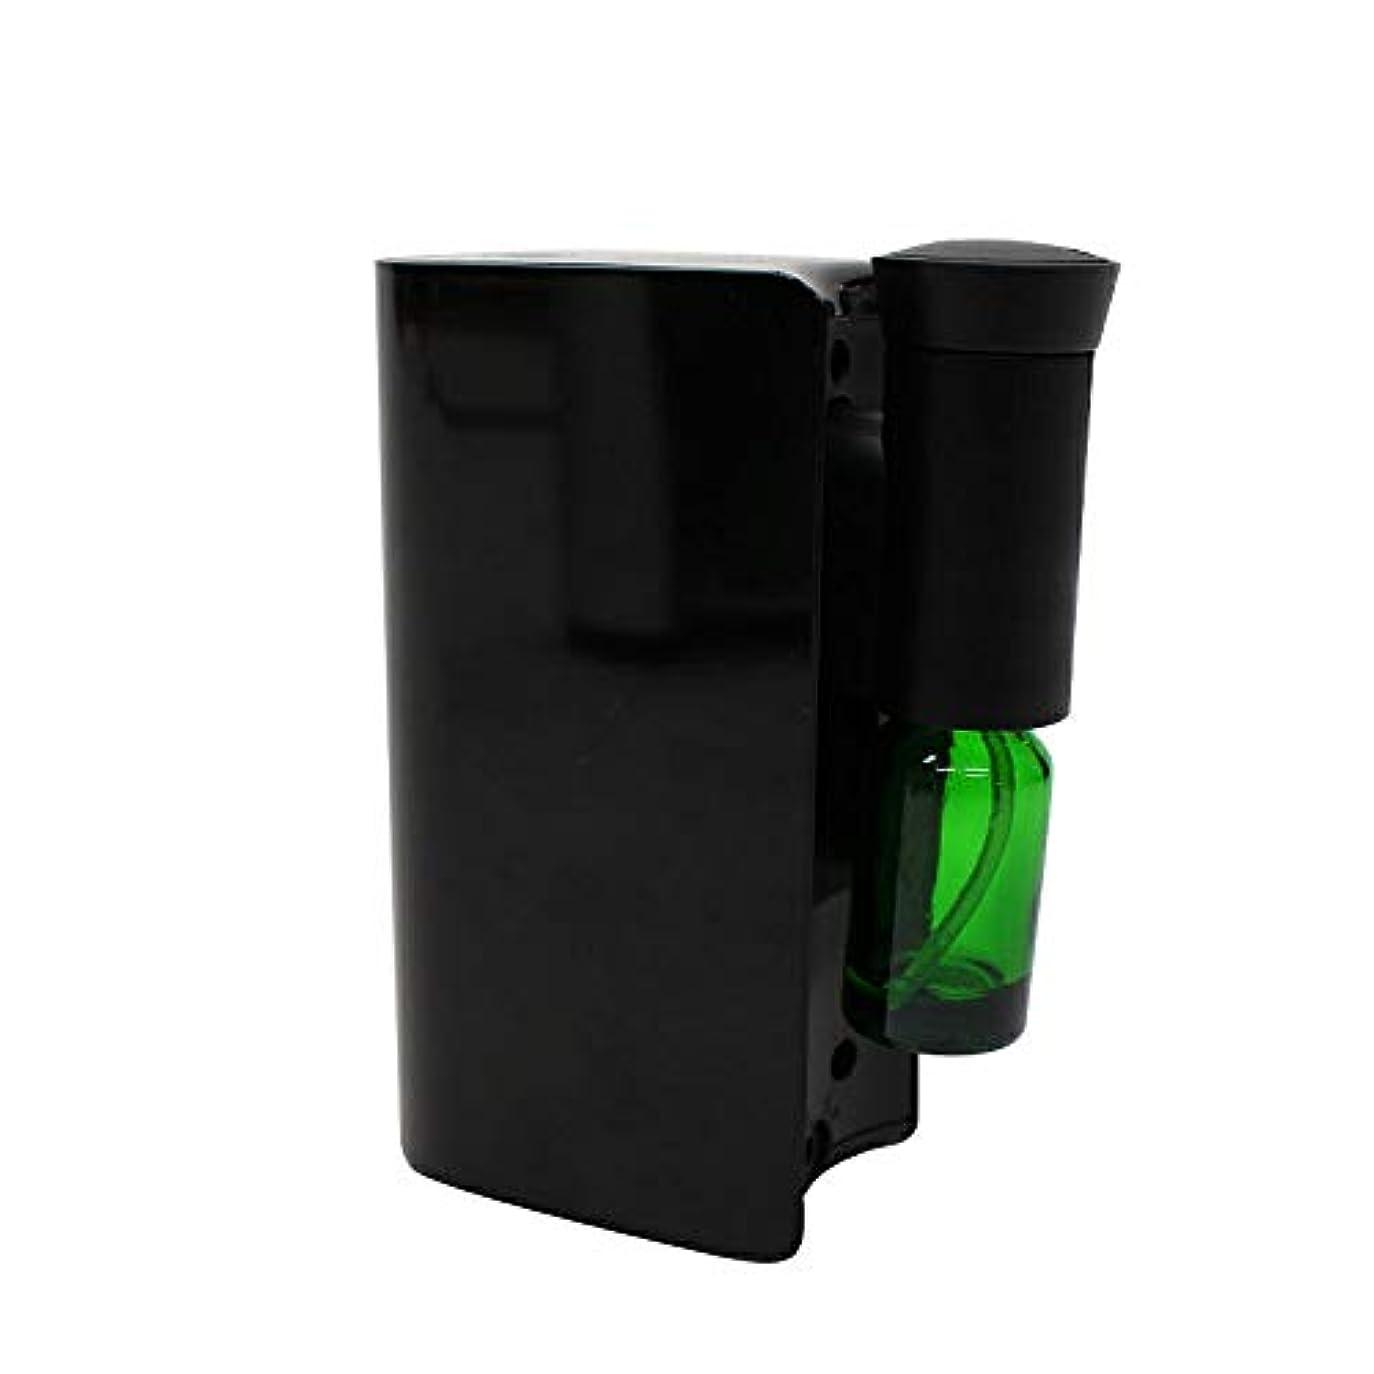 誠実さインフレーション壁電池式アロマディフューザー 水を使わない ネブライザー式 アロマ ディフューザー アロマオイル対応 自動停止 ECOモード搭載 コンパクト 香り 癒し シンプル ブラック